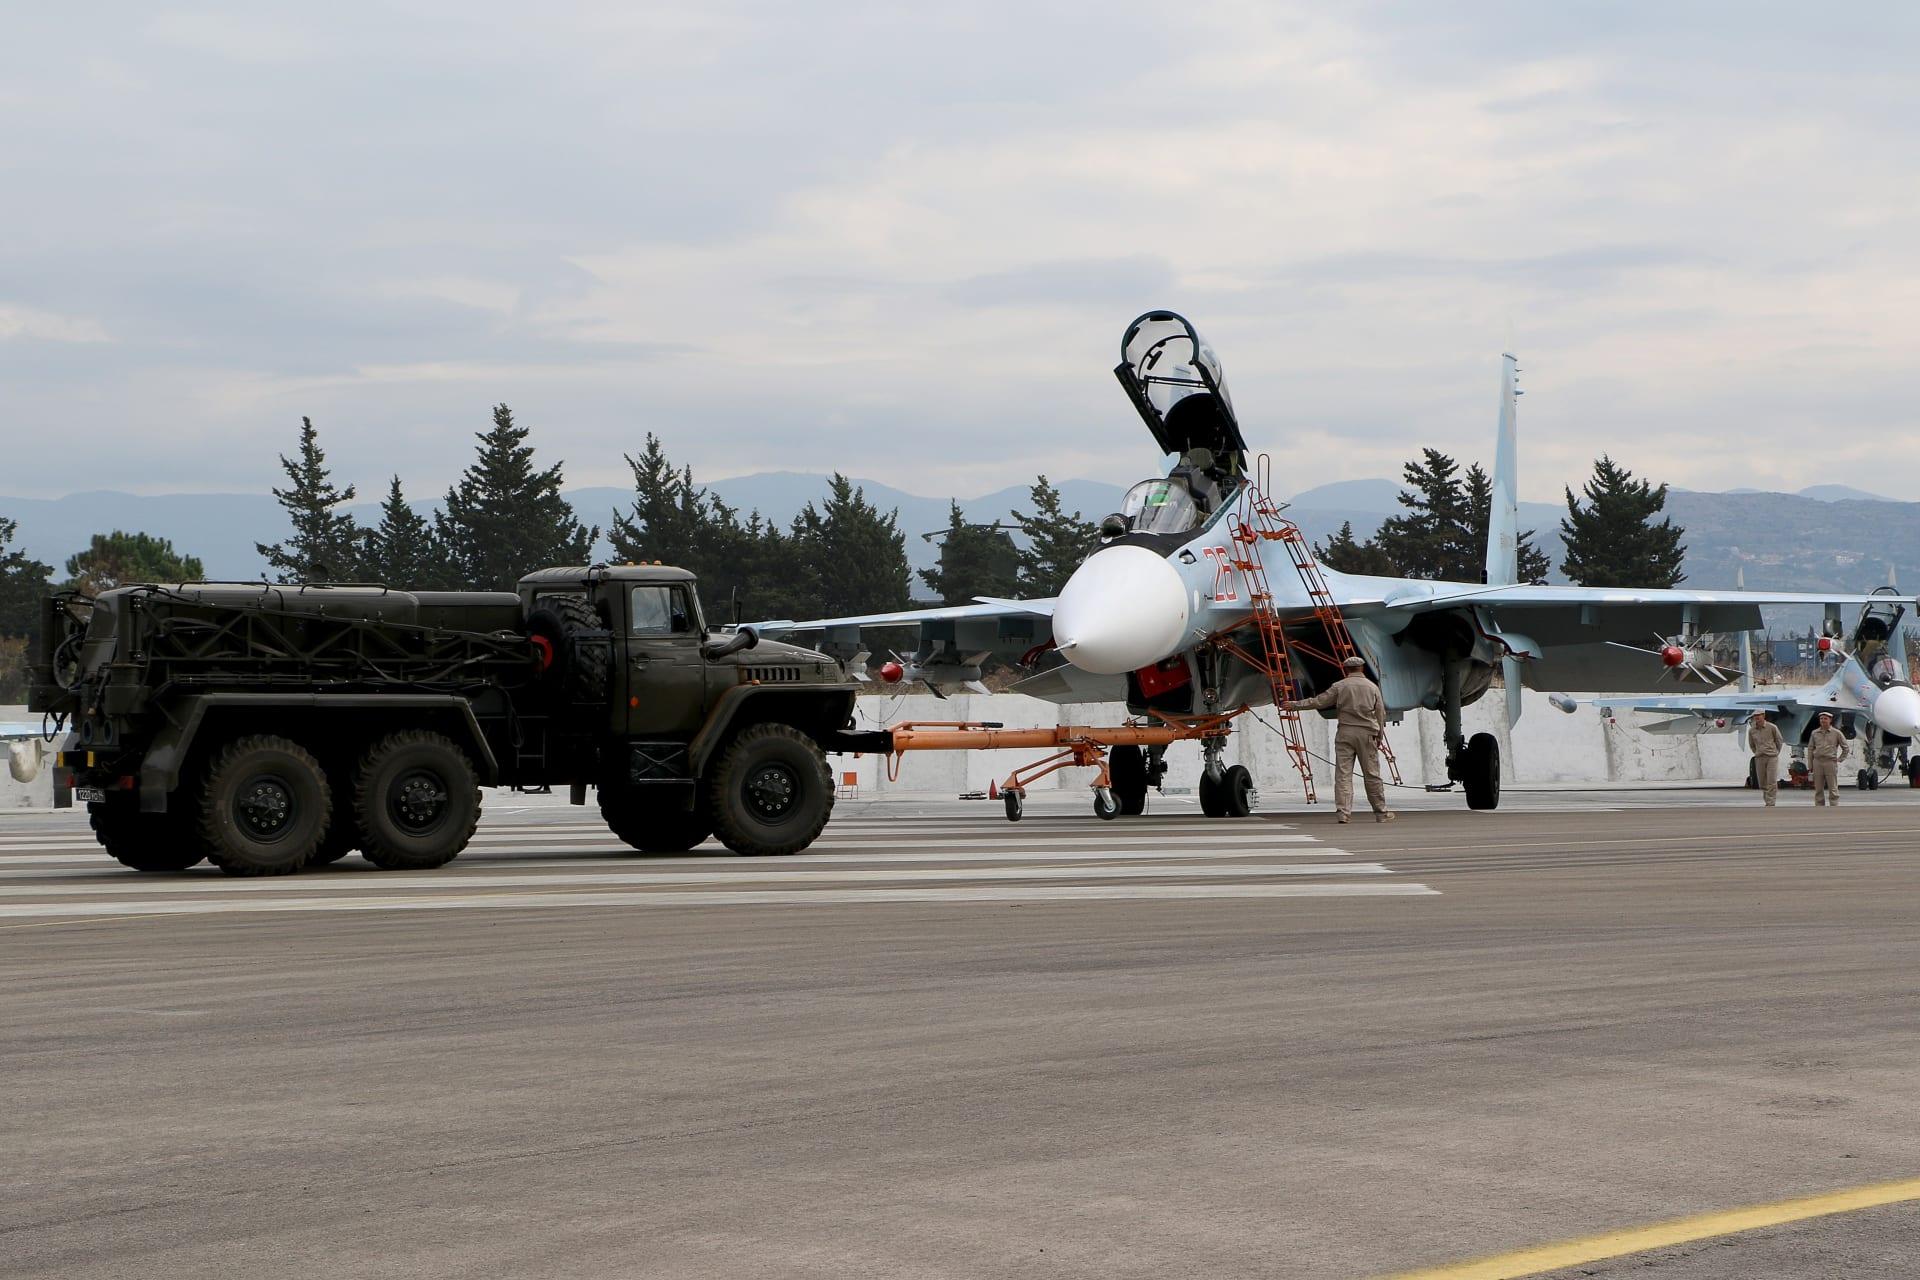 وزارة الدفاع الروسية: قواتنا الجوية دمرت قافلة لداعش وقتلت أكثر من 200 مسلح